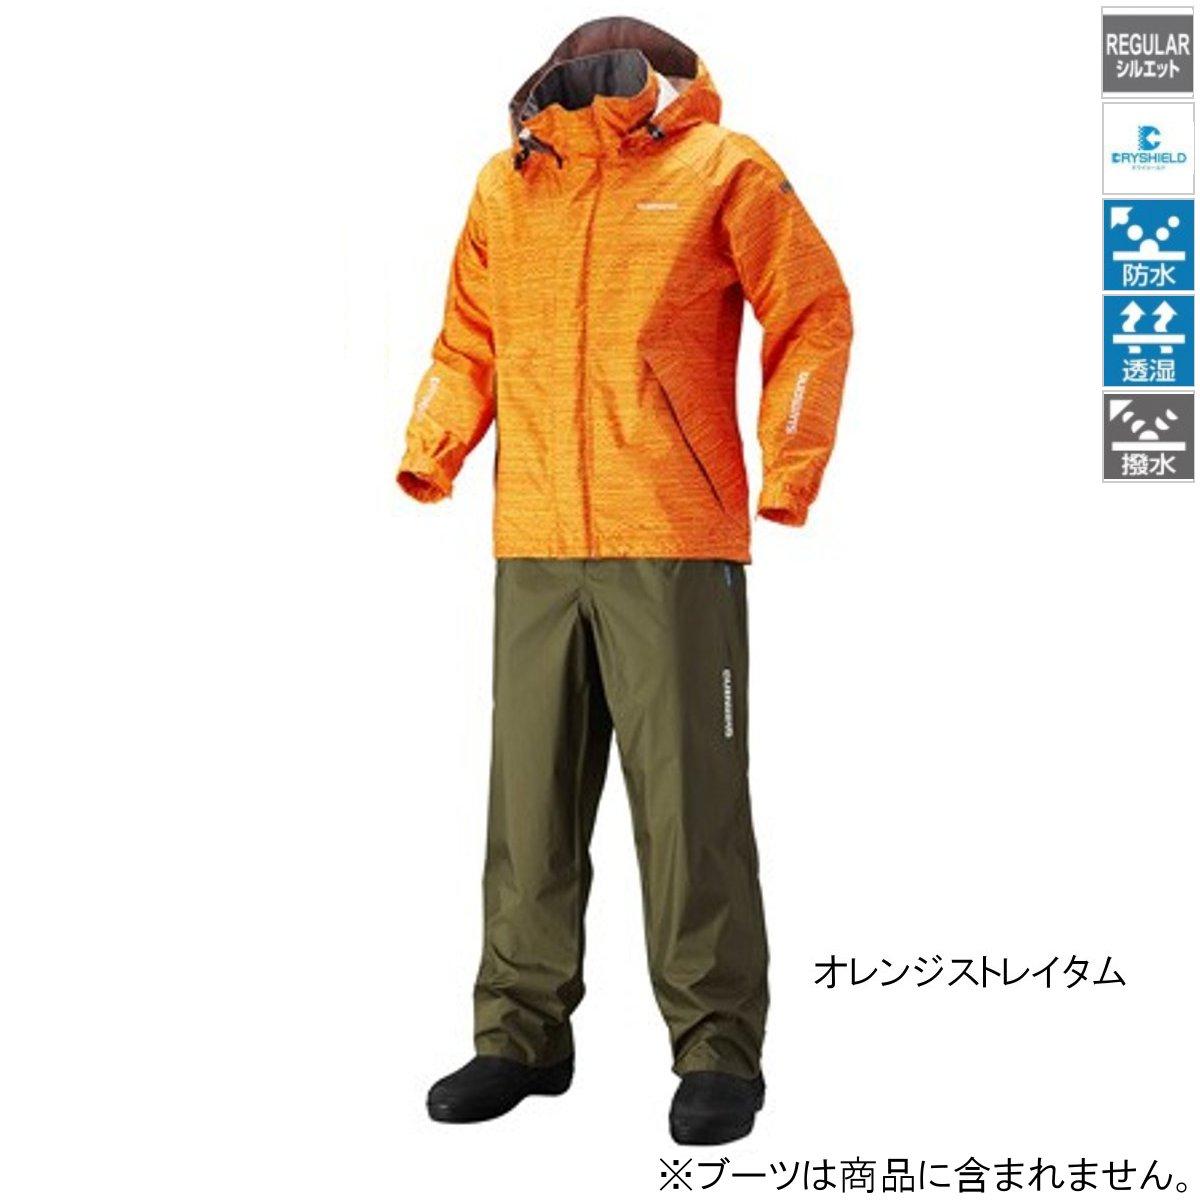 【8月30日エントリーで最大P36倍!】シマノ DSベーシックスーツ RA-027Q 2XL オレンジストレイタム